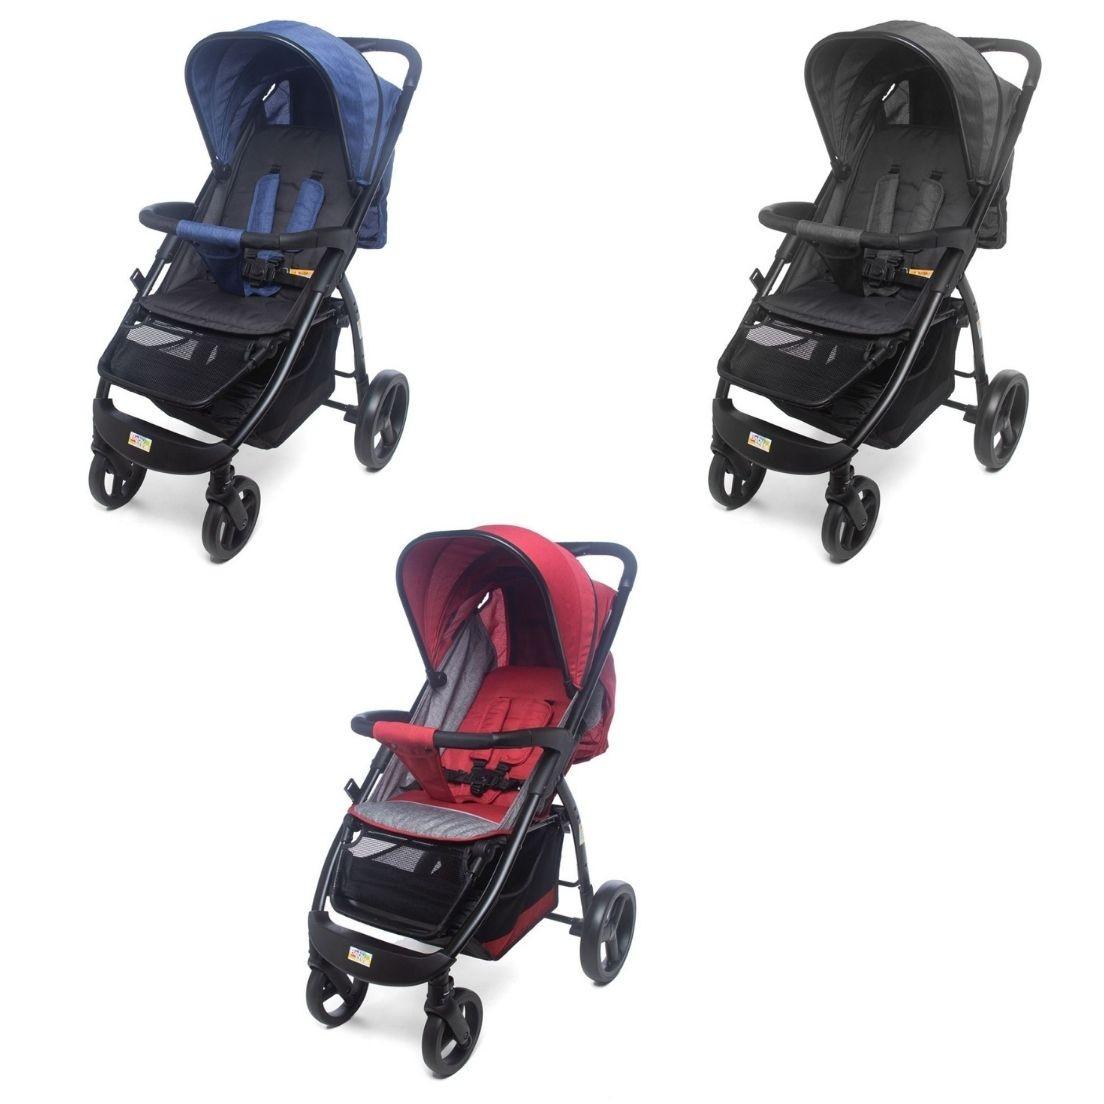 Carrinho de Bebê Passeio vira Berço Arion - Baby Style